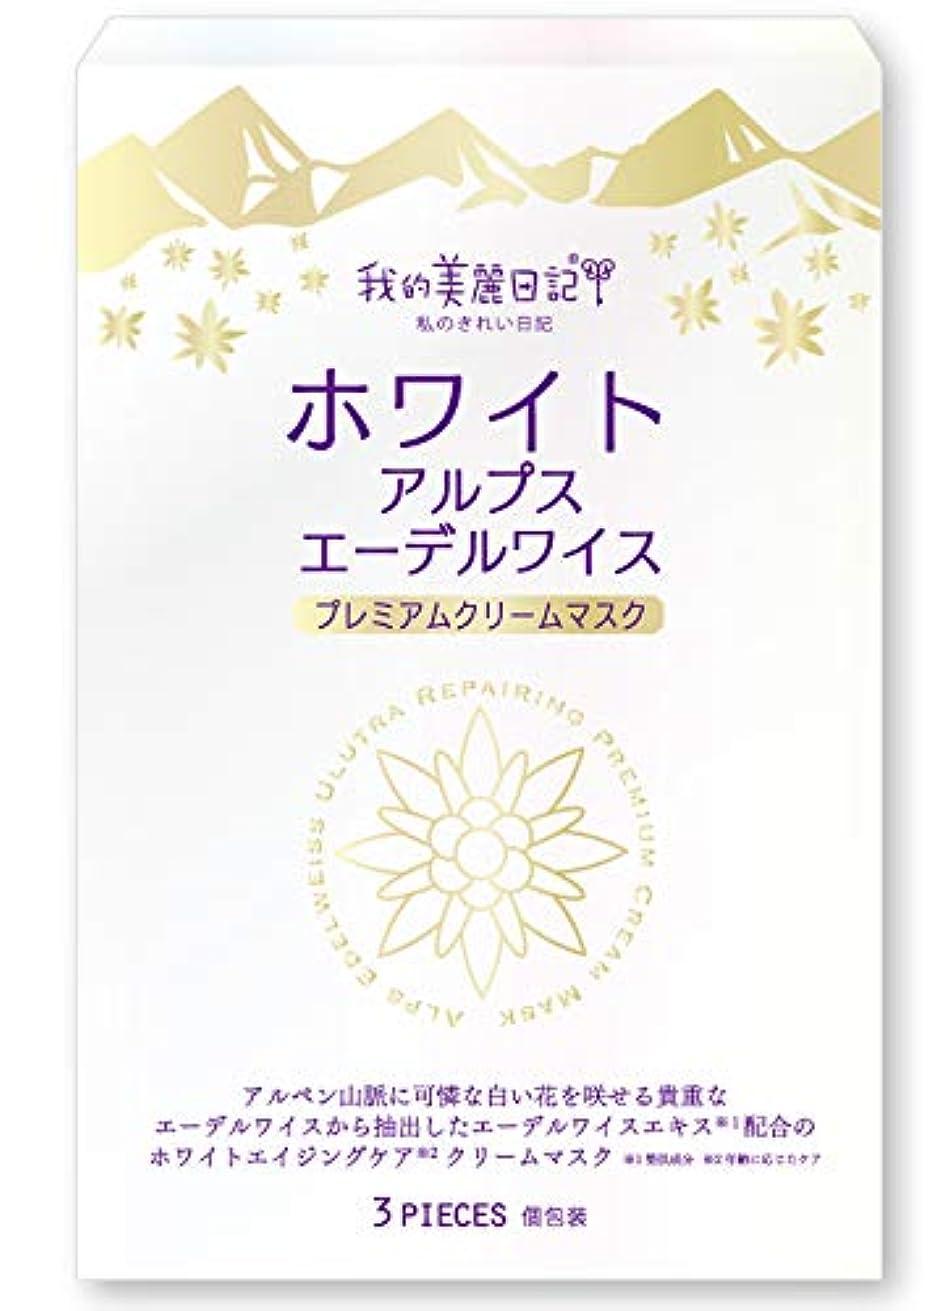 熱実際に小川私のきれい日記 ホワイトアルプスエーデルワイスマスク 3枚入り